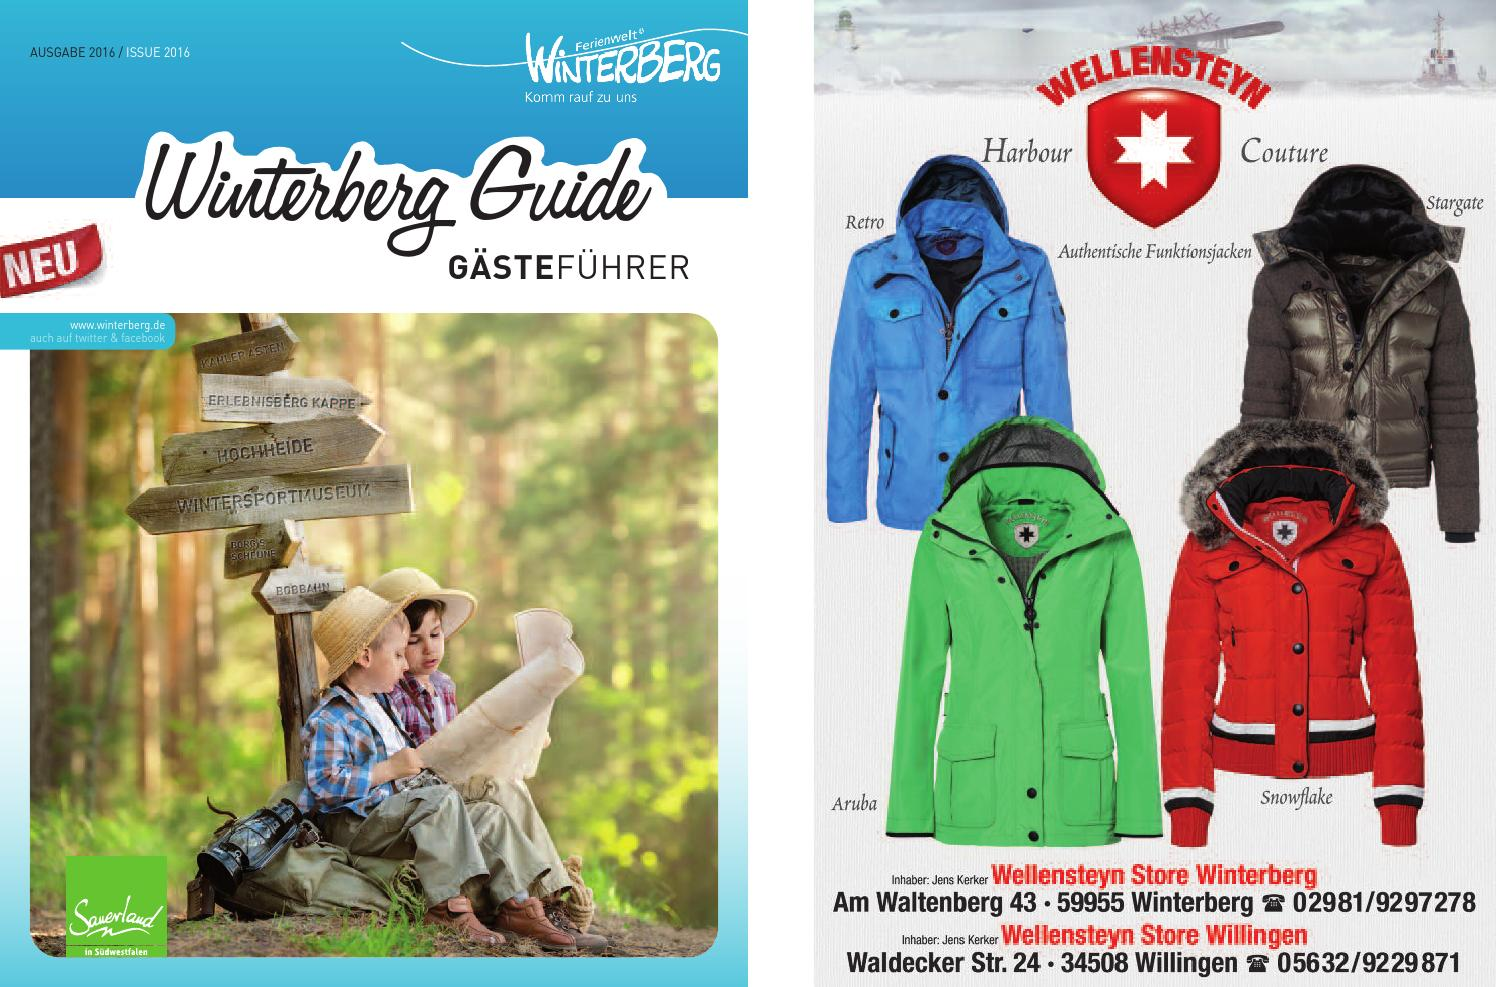 Winterberg Guide 2016 by Ferienwelt Winterberg - issuu